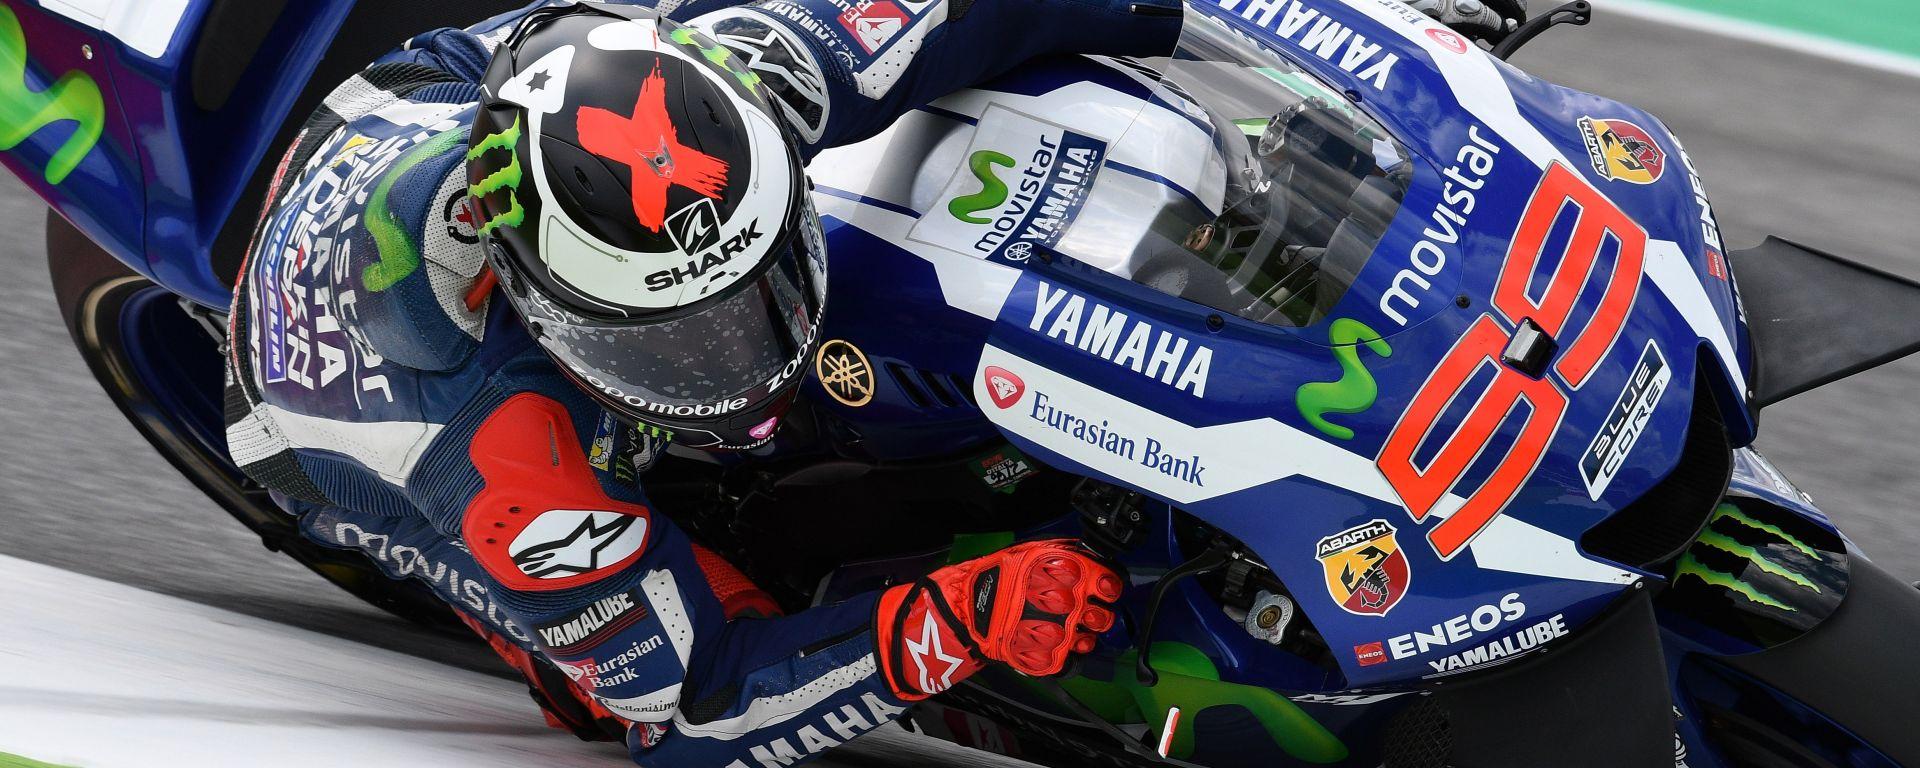 MotoGP Barcellona 2016: Jorge Lorenzo davanti a tutti nelle FP2, ma Vinales è vicino